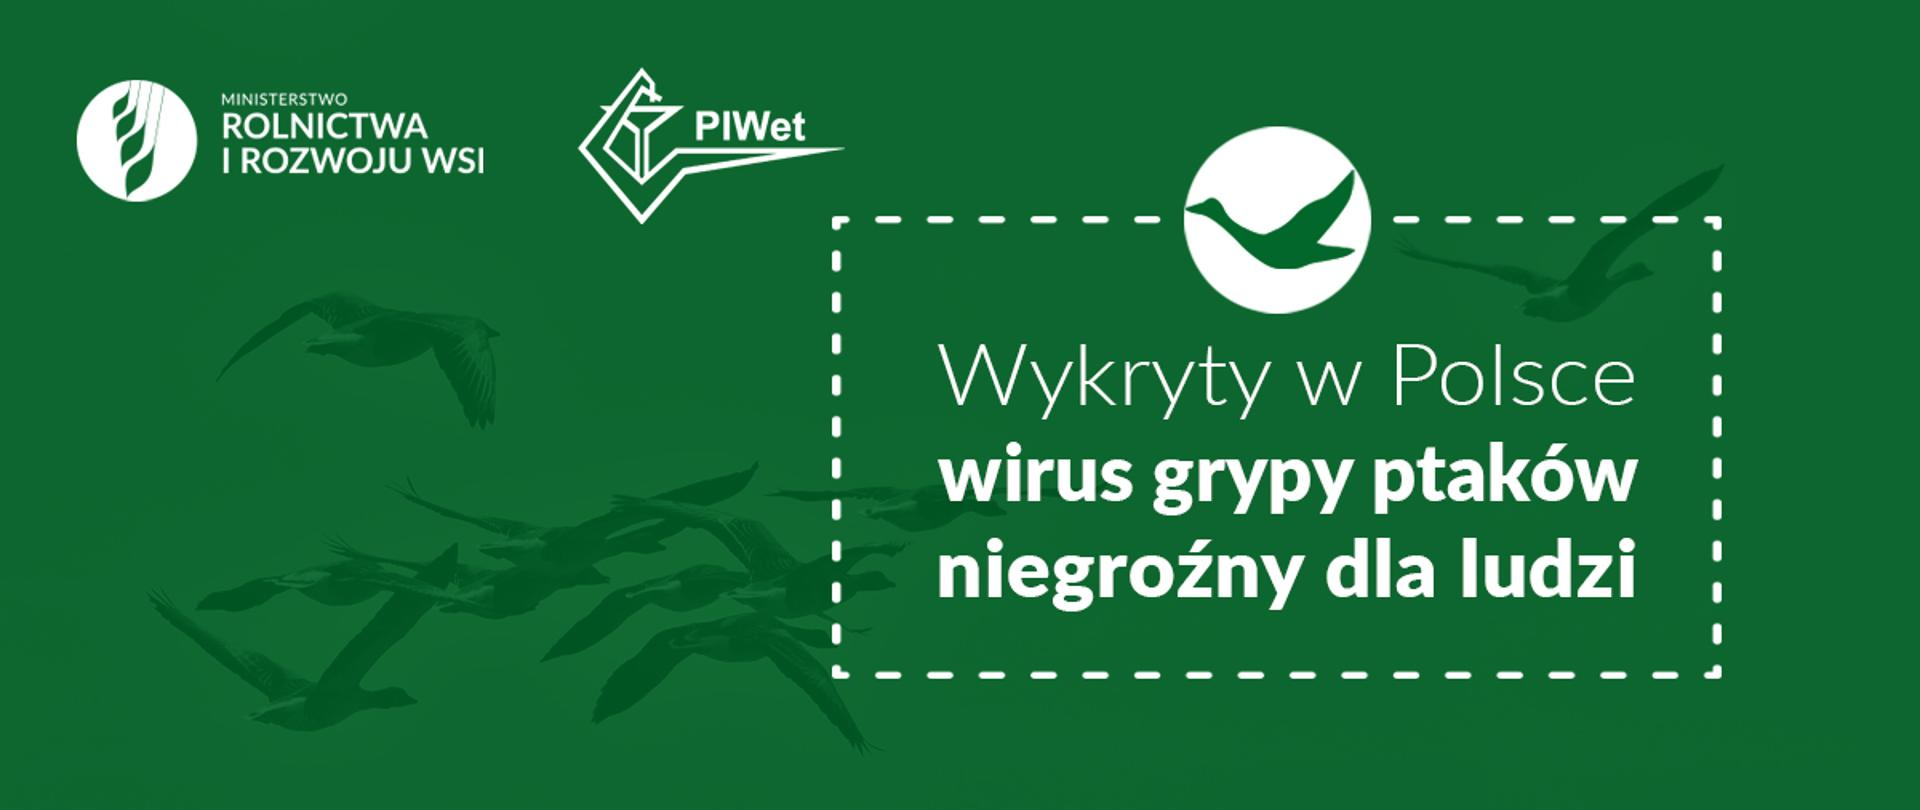 """Grafika do komunikatu """"Wykryty w Polsce wirus grypy ptaków nie jest groźny dla ludzi"""". Lecące ptaki."""